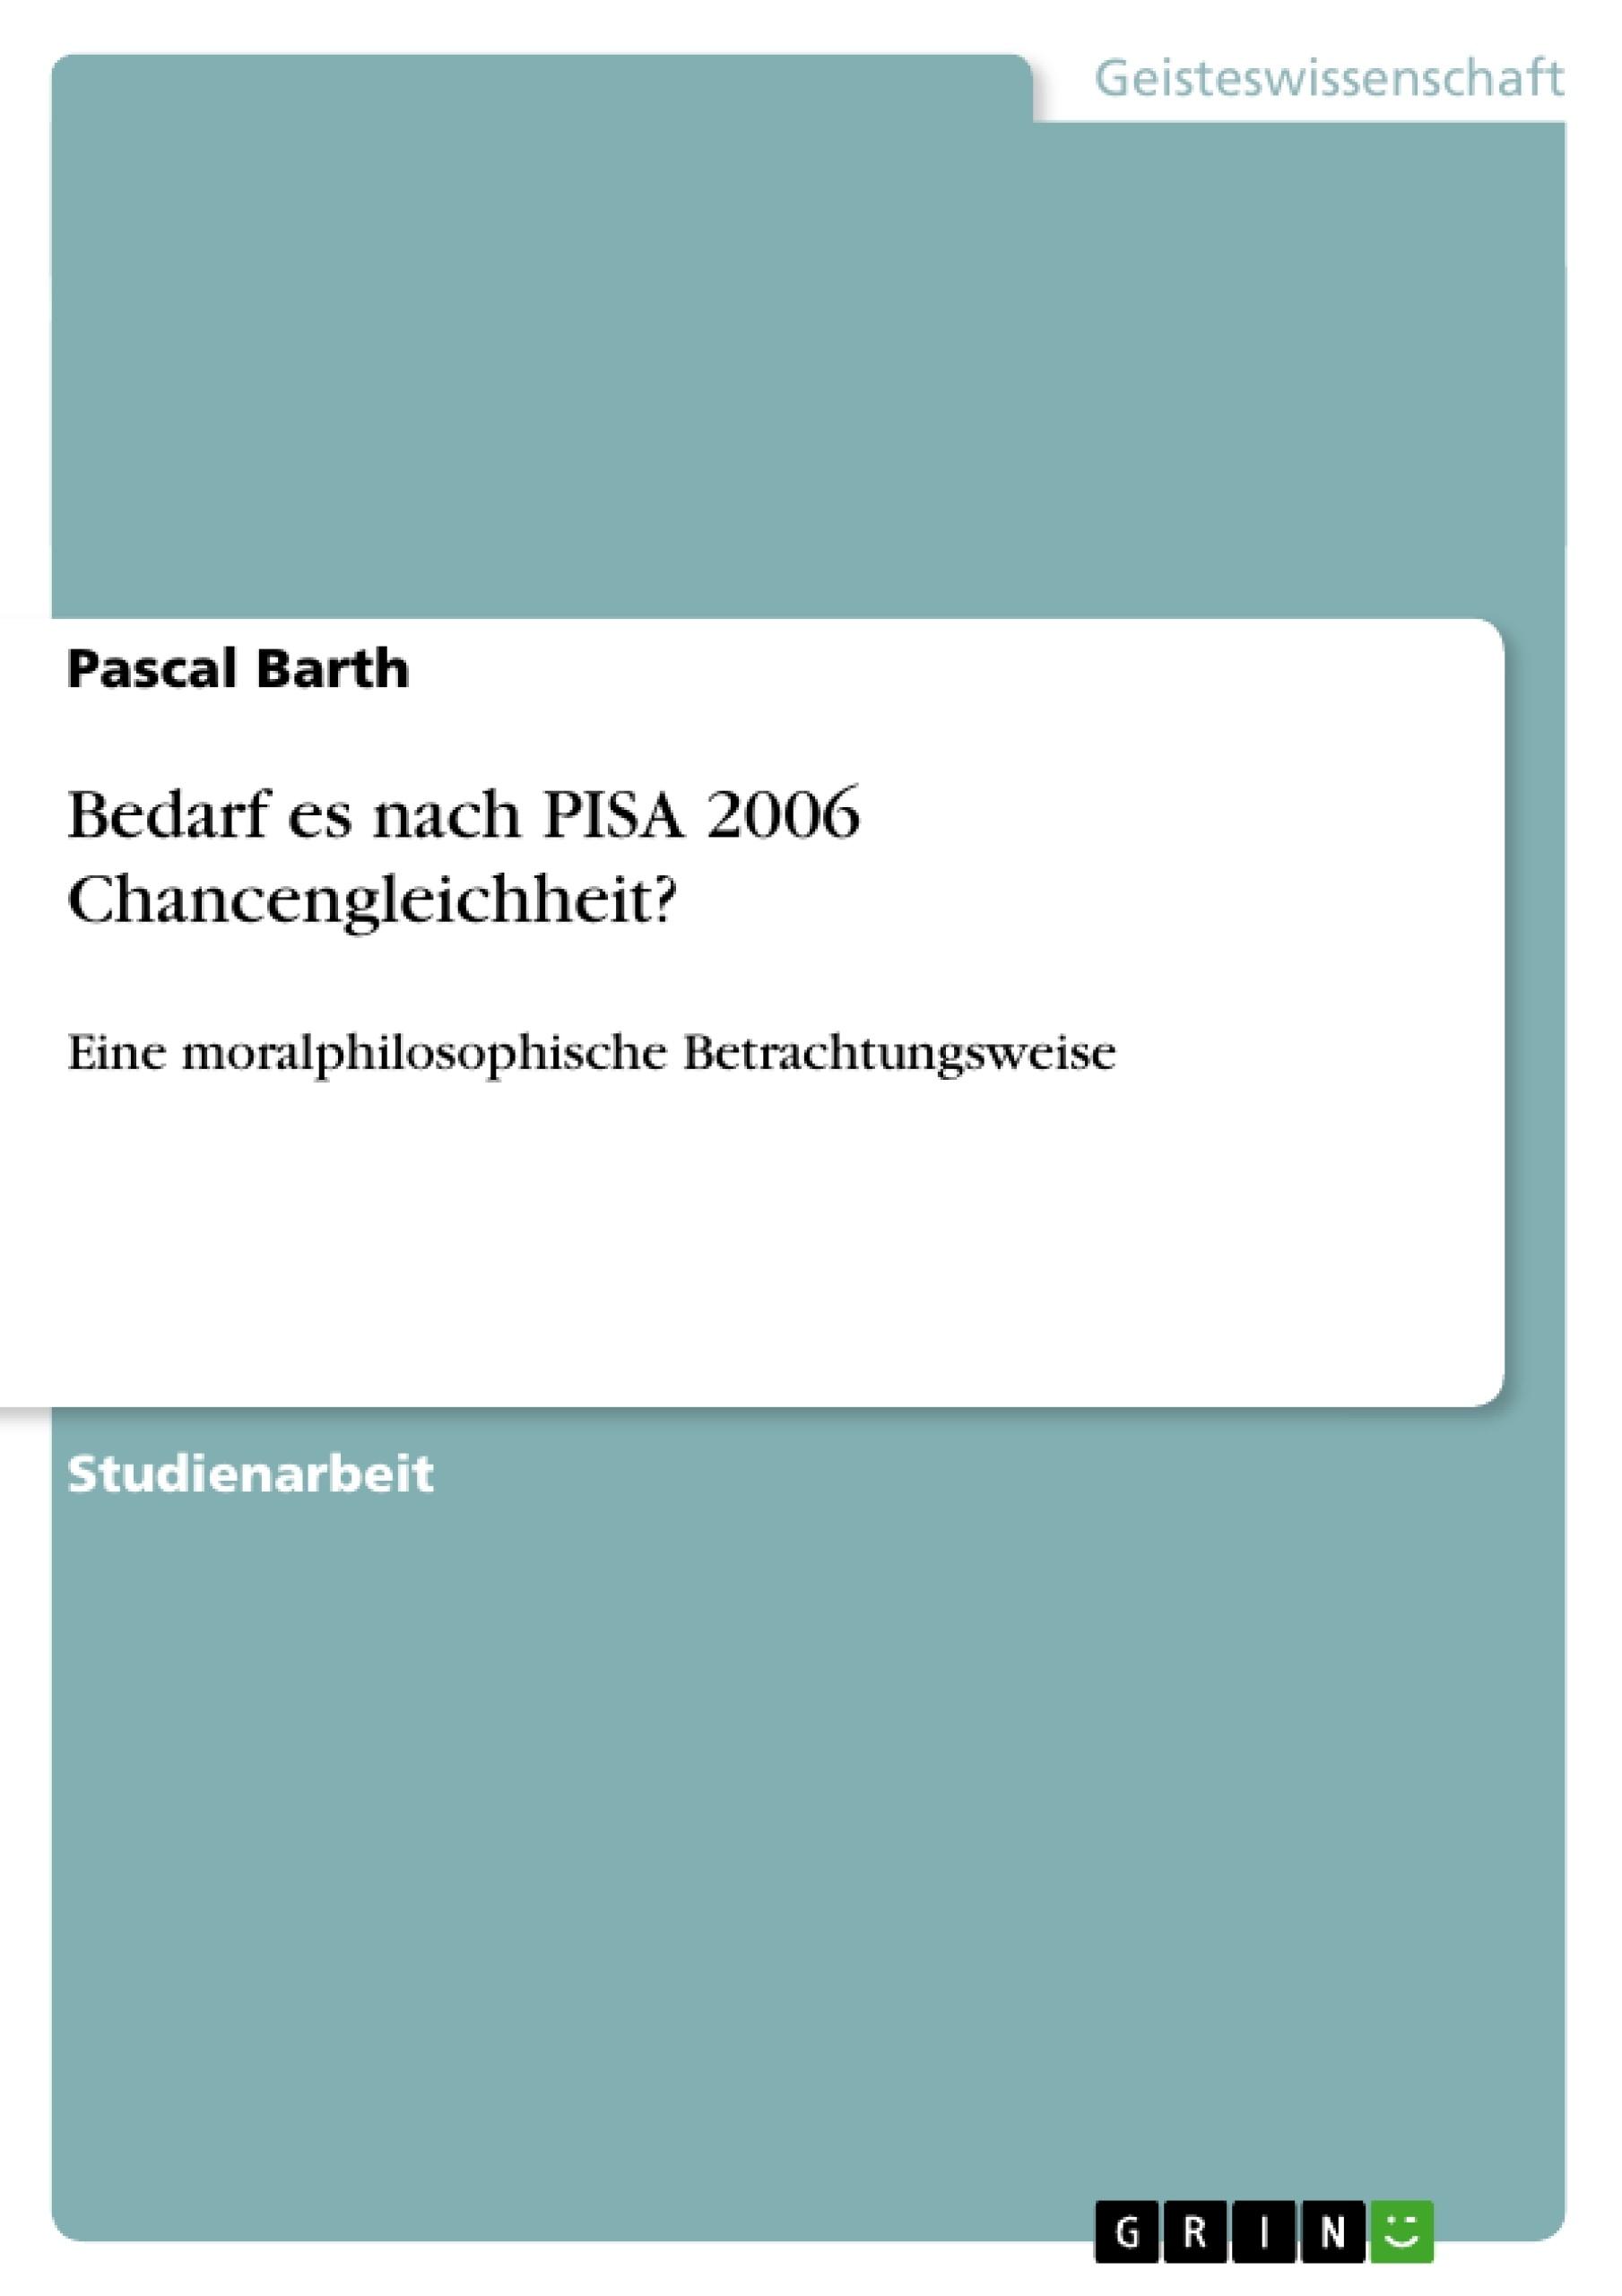 Titel: Bedarf es nach PISA 2006 Chancengleichheit?